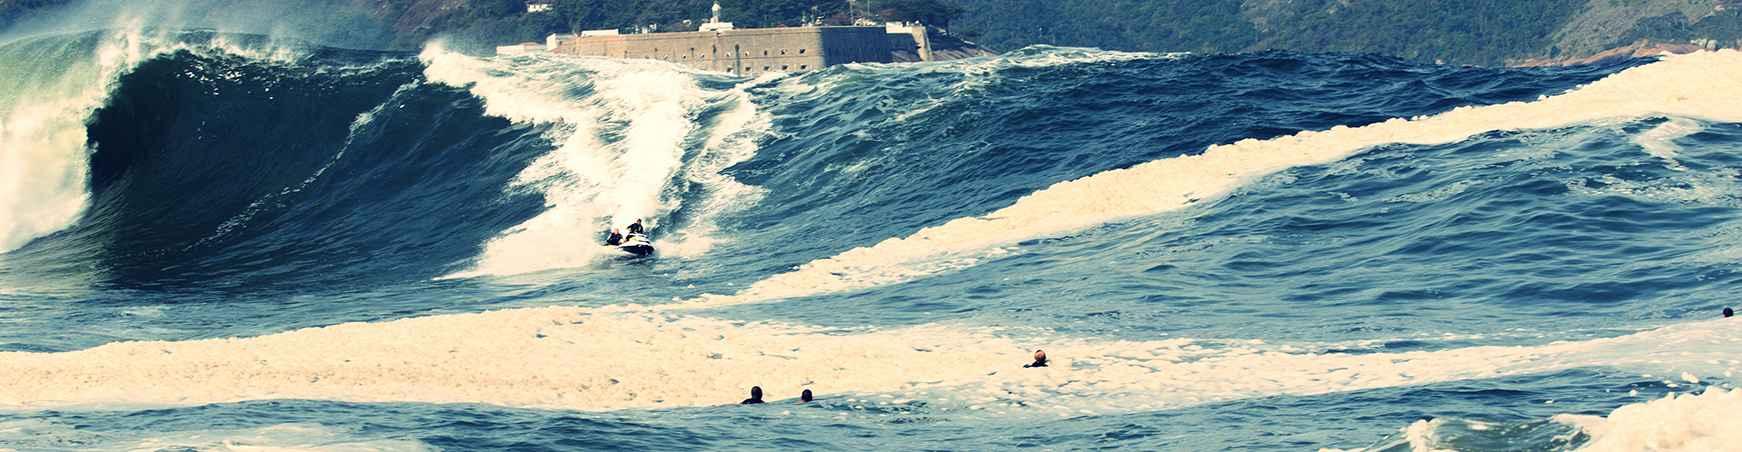 Bigwave bodysurf com jetski